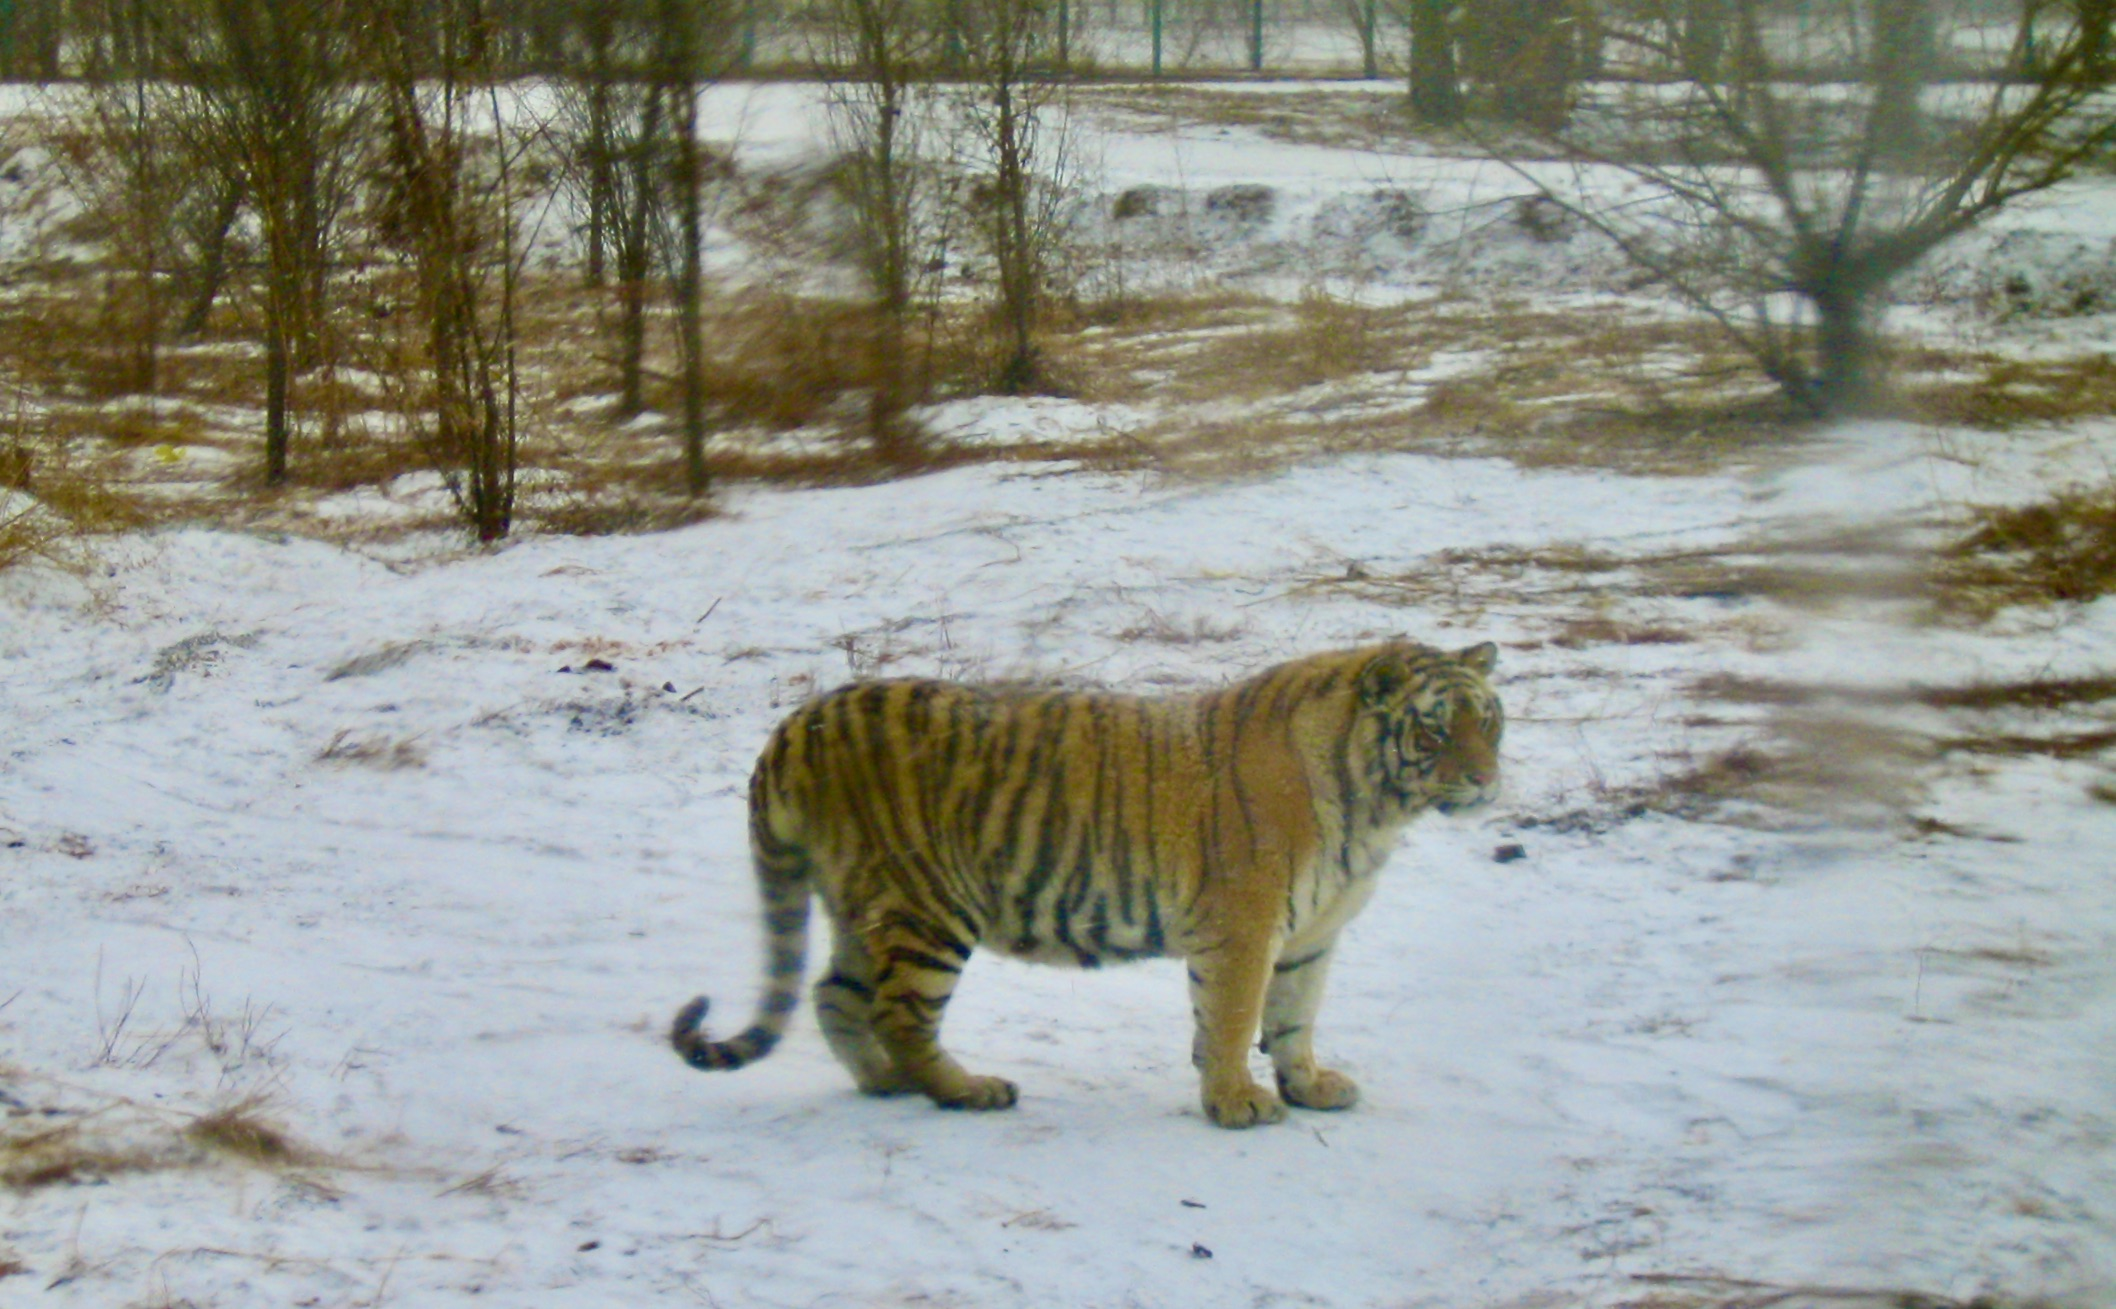 En sibirisk tiger som vi mötte i tigerparke strax utanför Harbin i norra Kina.